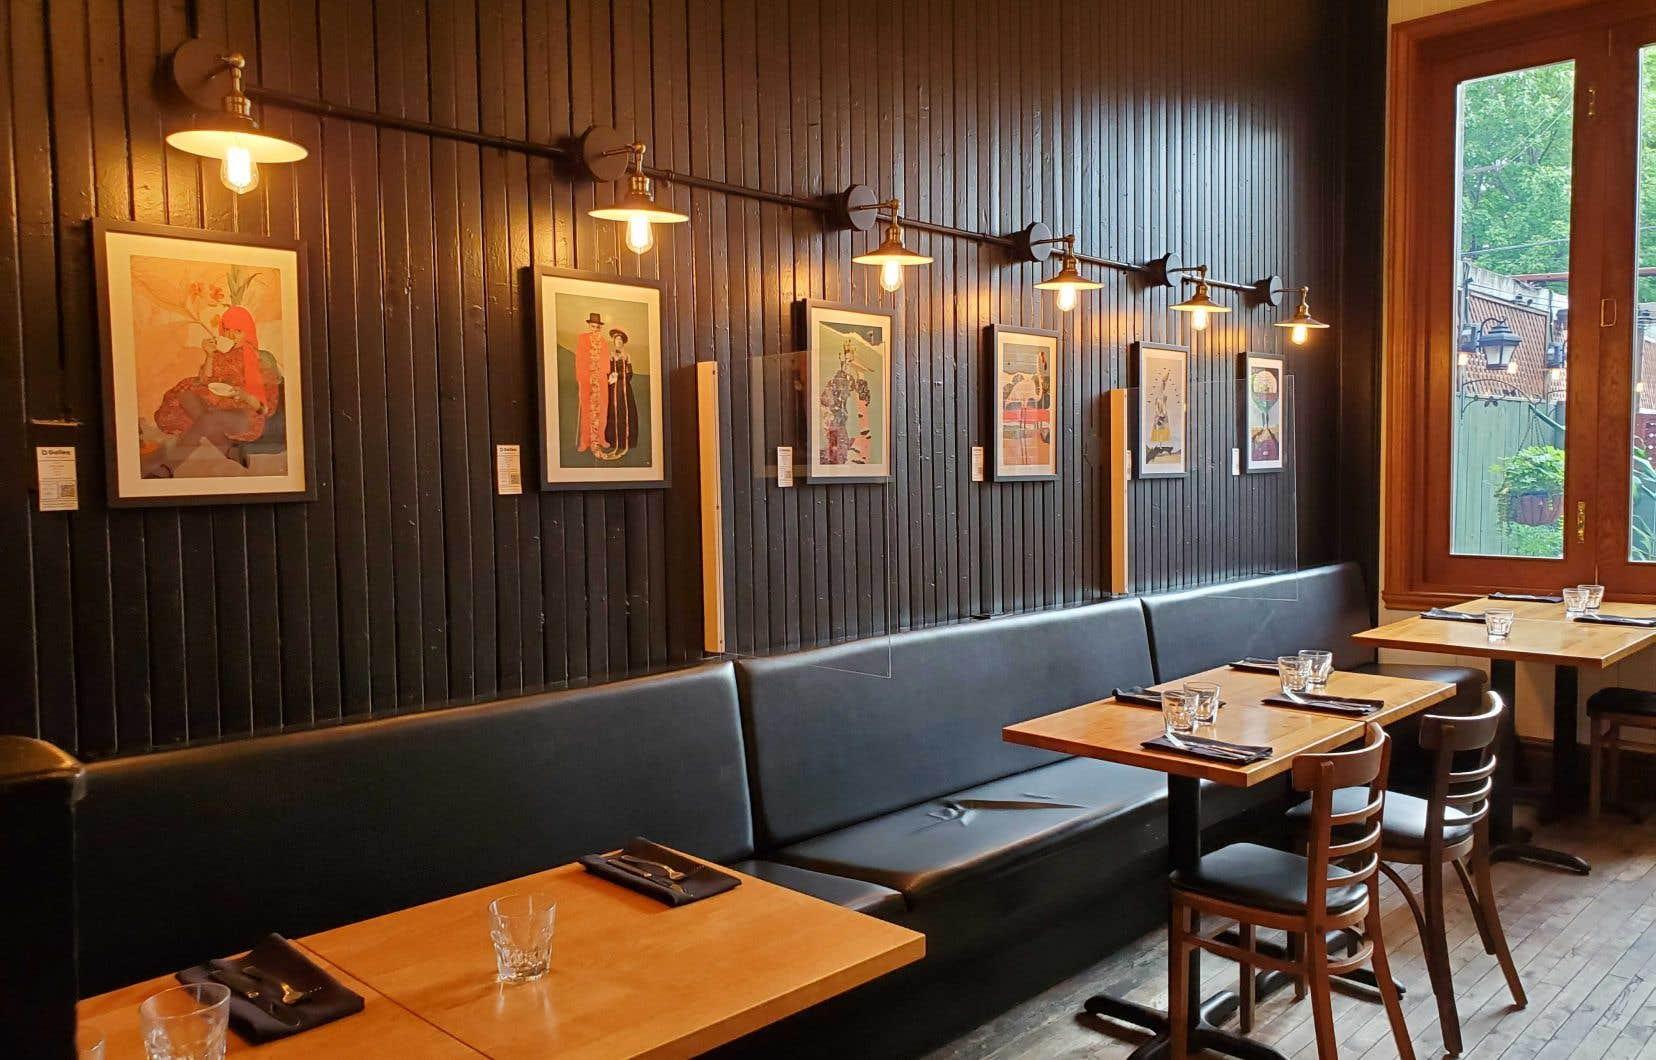 Exposition au Café Les Entretiens, à Montréal, de juillet à novembre 2021. Artiste en vedette: Dréa Collage.